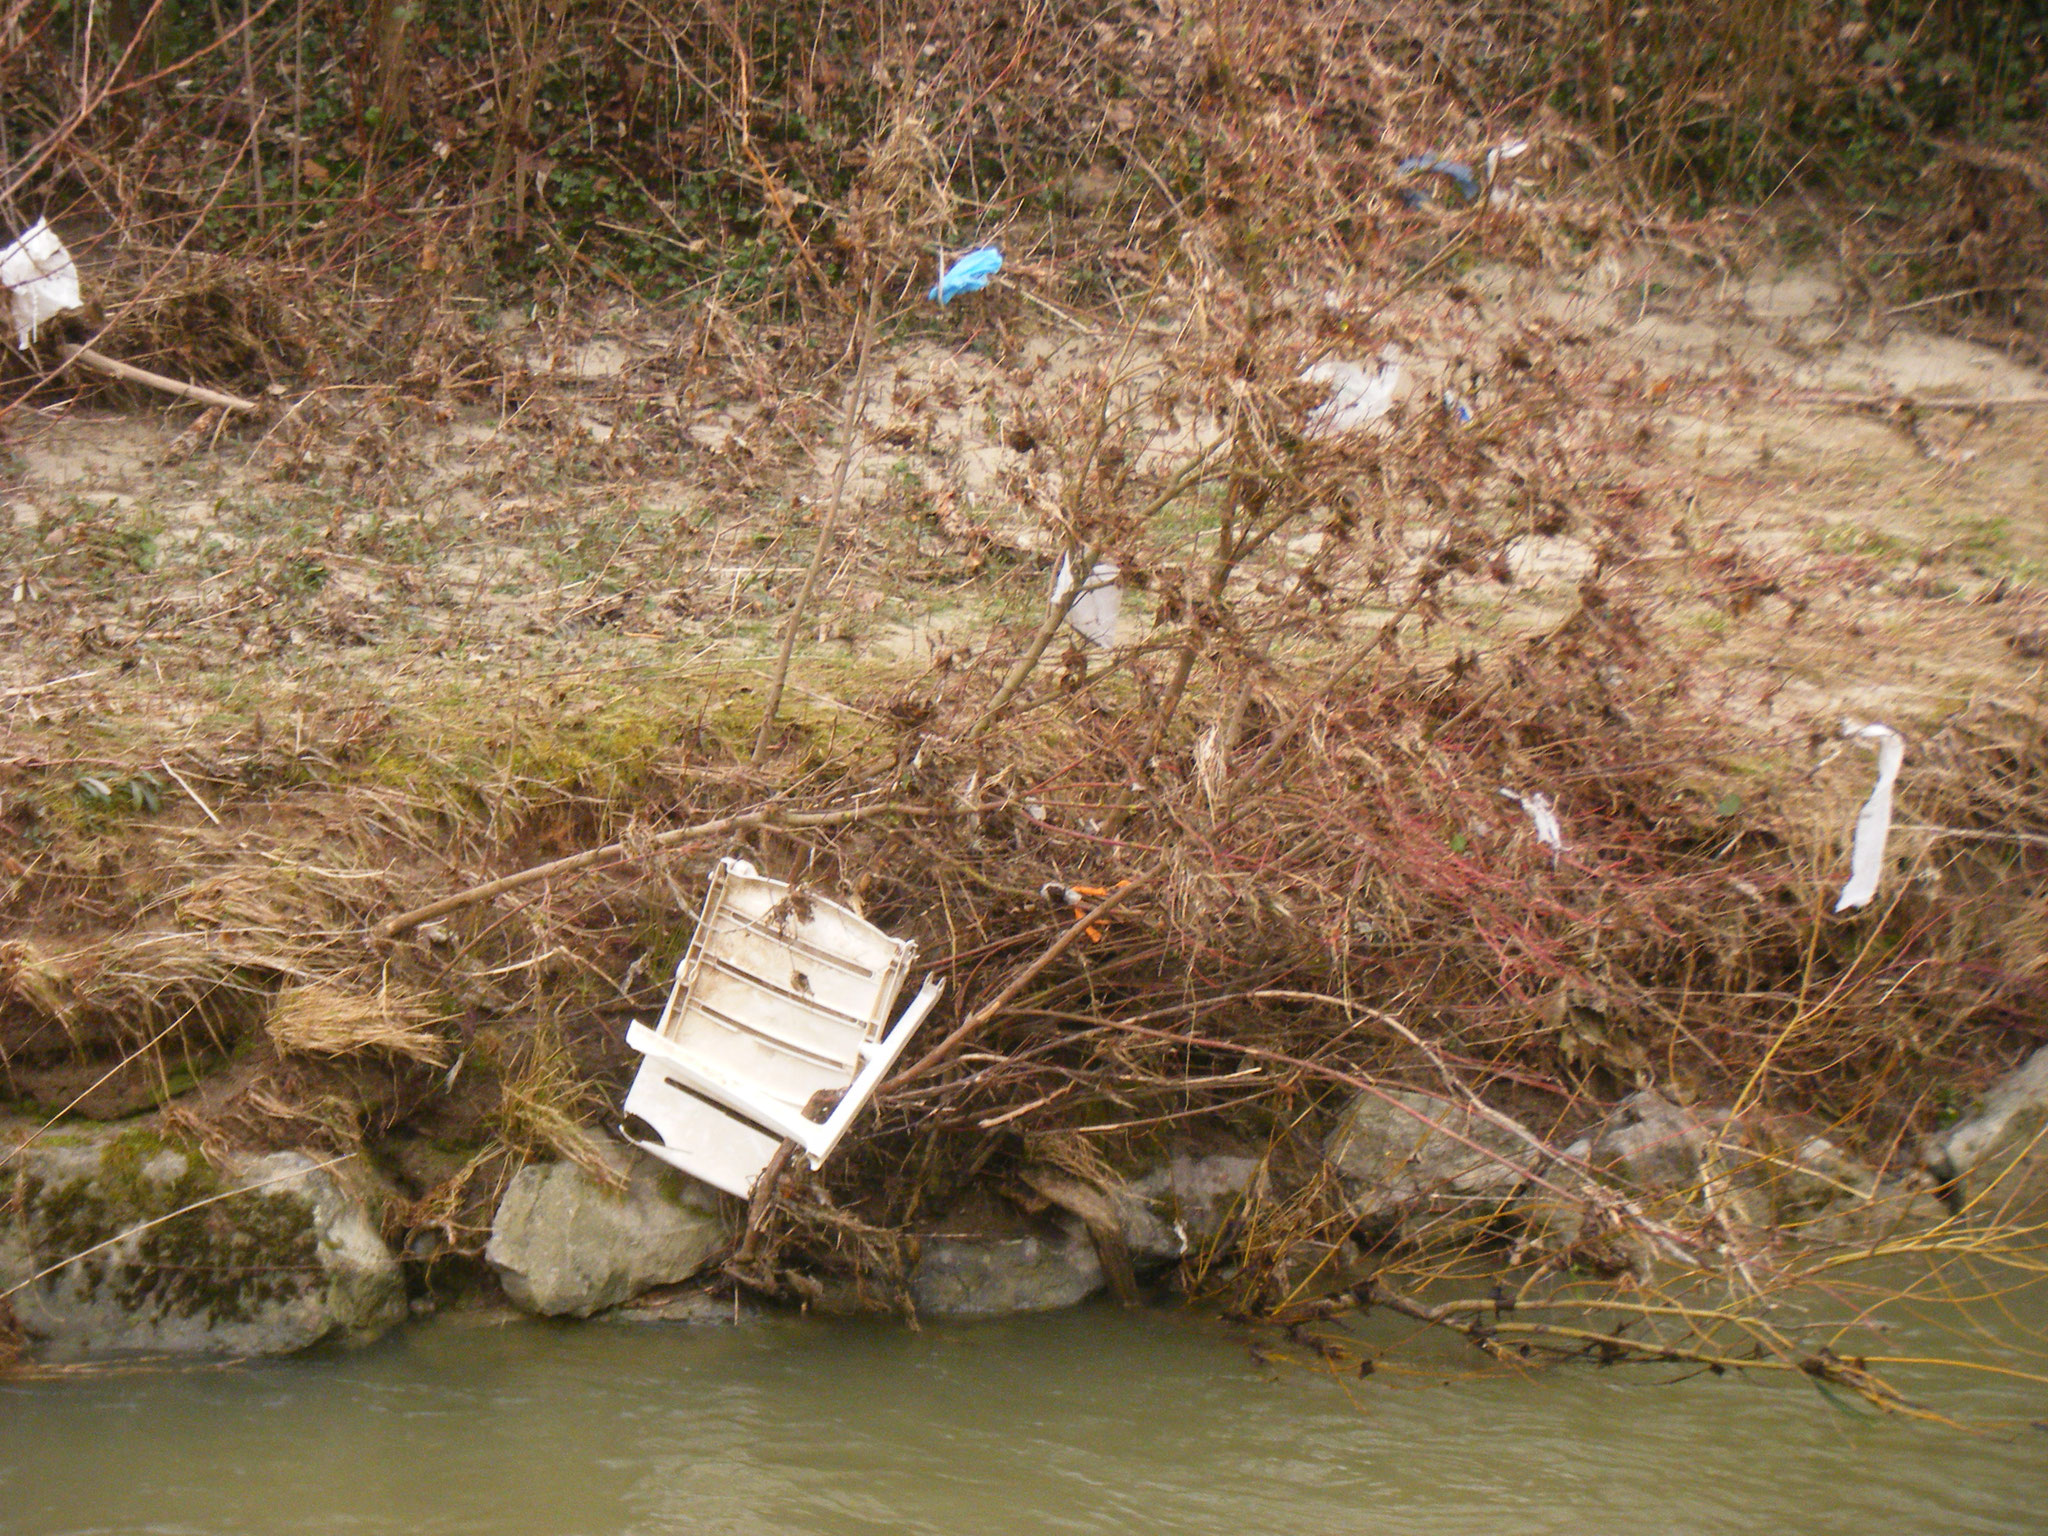 Hier blieb ein zertrümmerter Plastik-Gartenstuhl im Gebüsch hängen